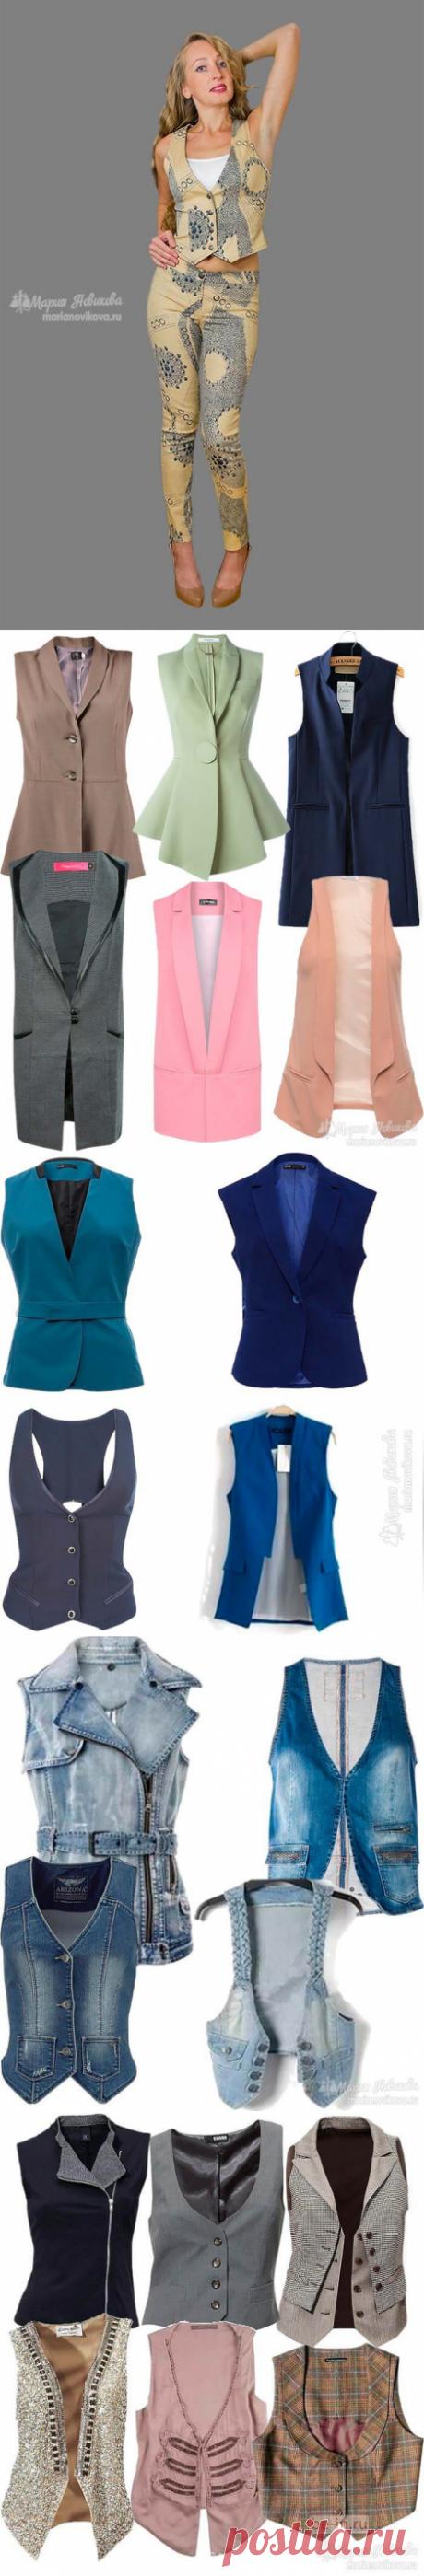 [ШИТЬЕ] Модная жилетка своими руками — сшить очень просто! Подробный мастер-класс